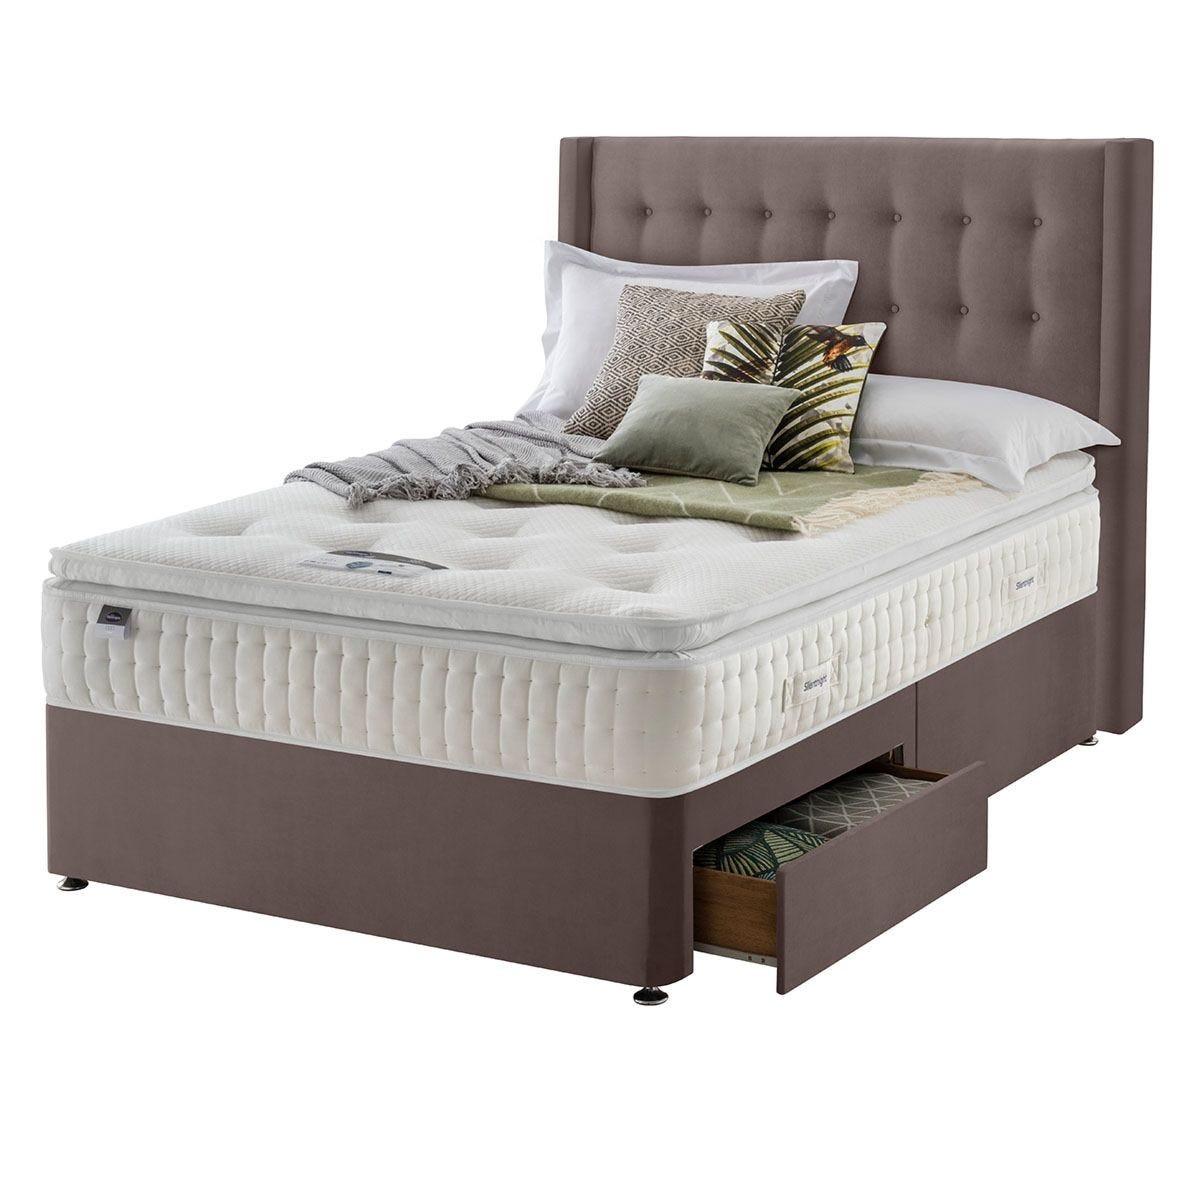 Silentnight Mirapocket Latex 1400 2-Drawer Divan Bed - Velvet Mink